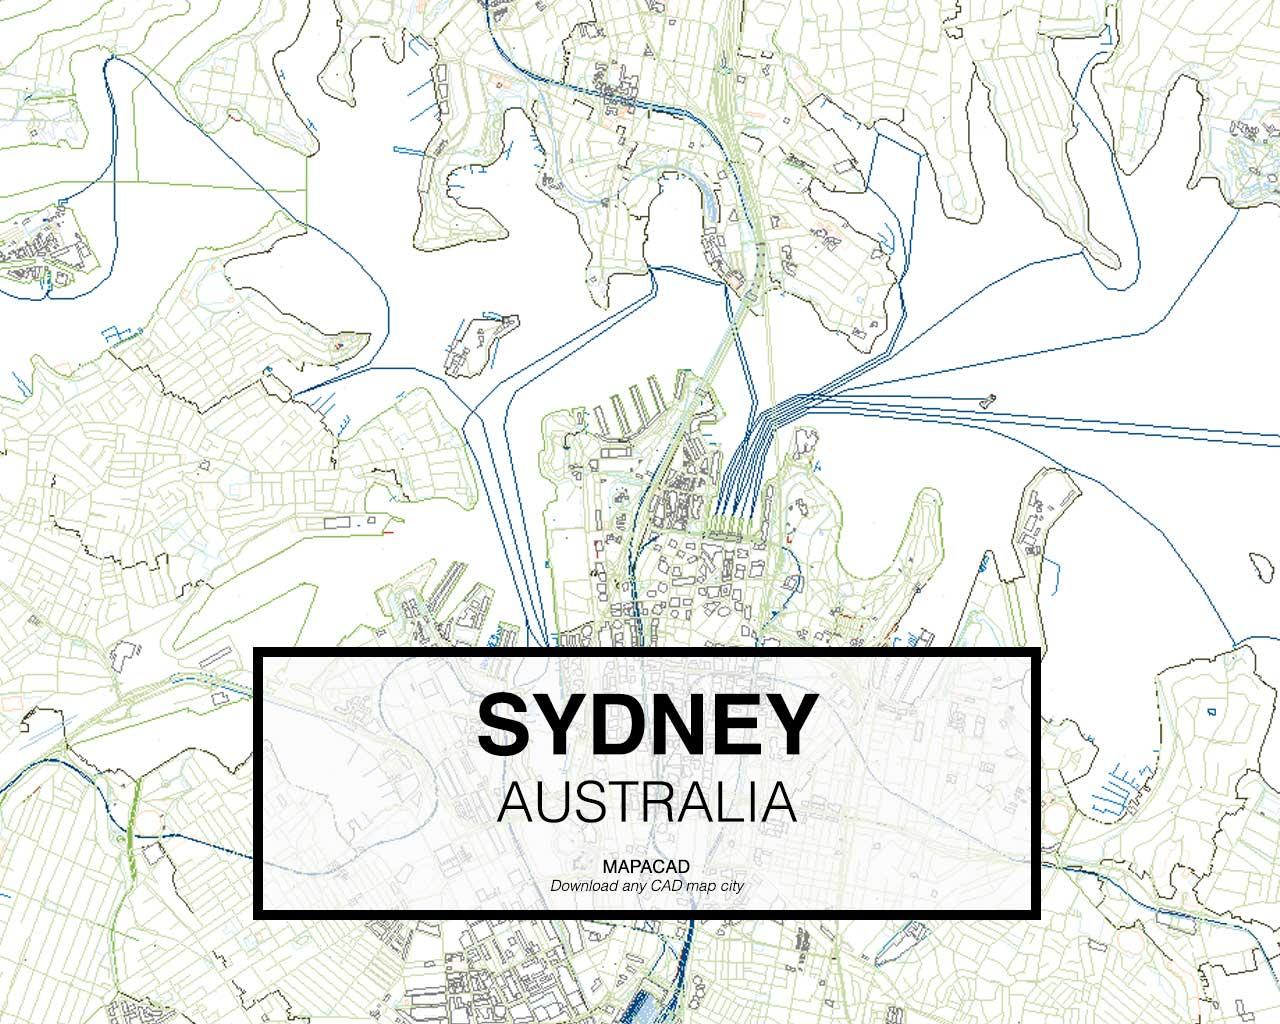 Sydney On Australia Map.Sydney